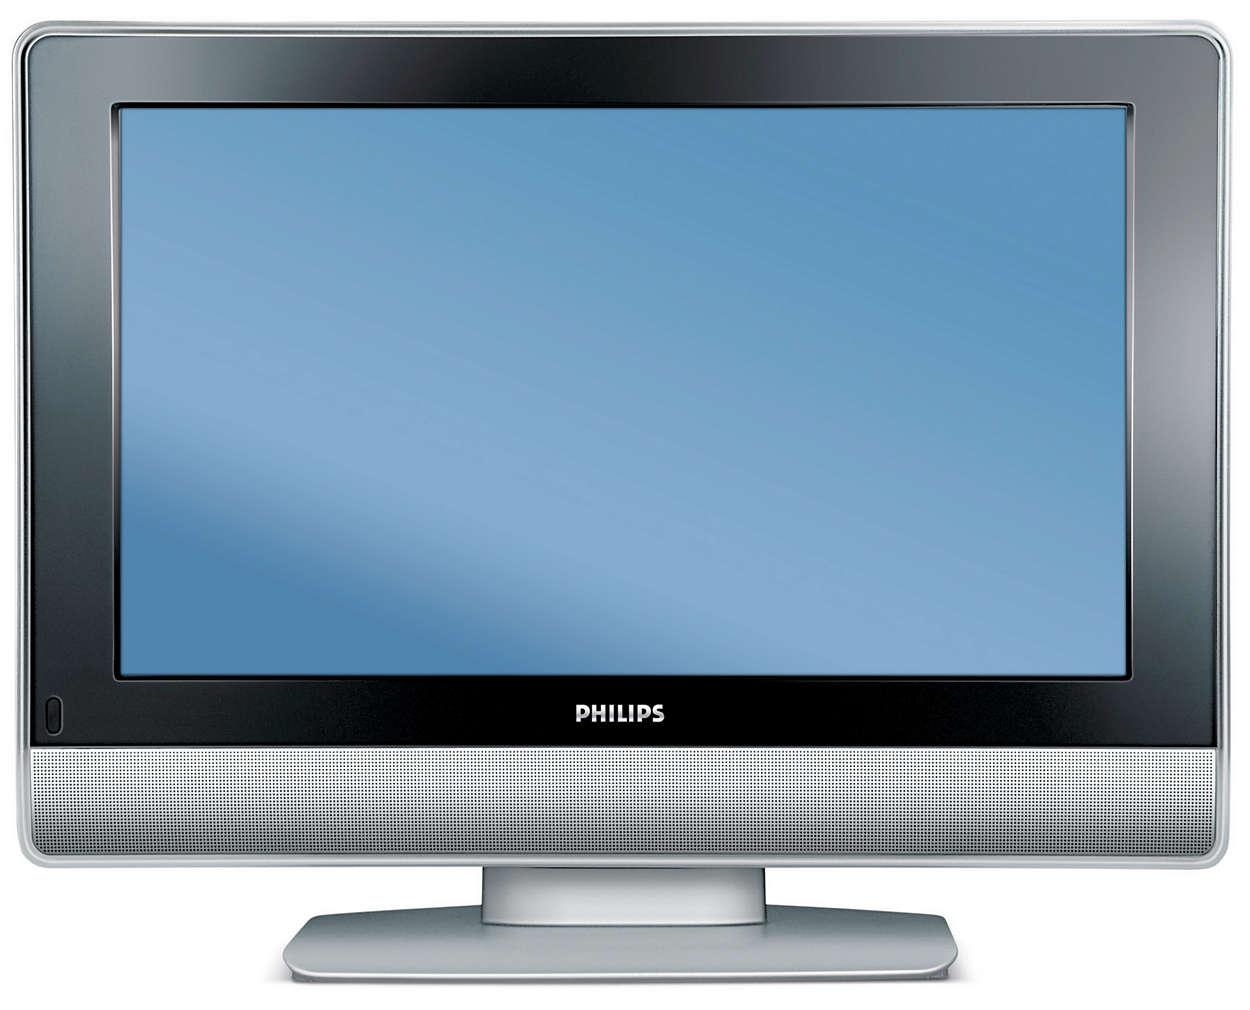 Systeemklare Flat TV